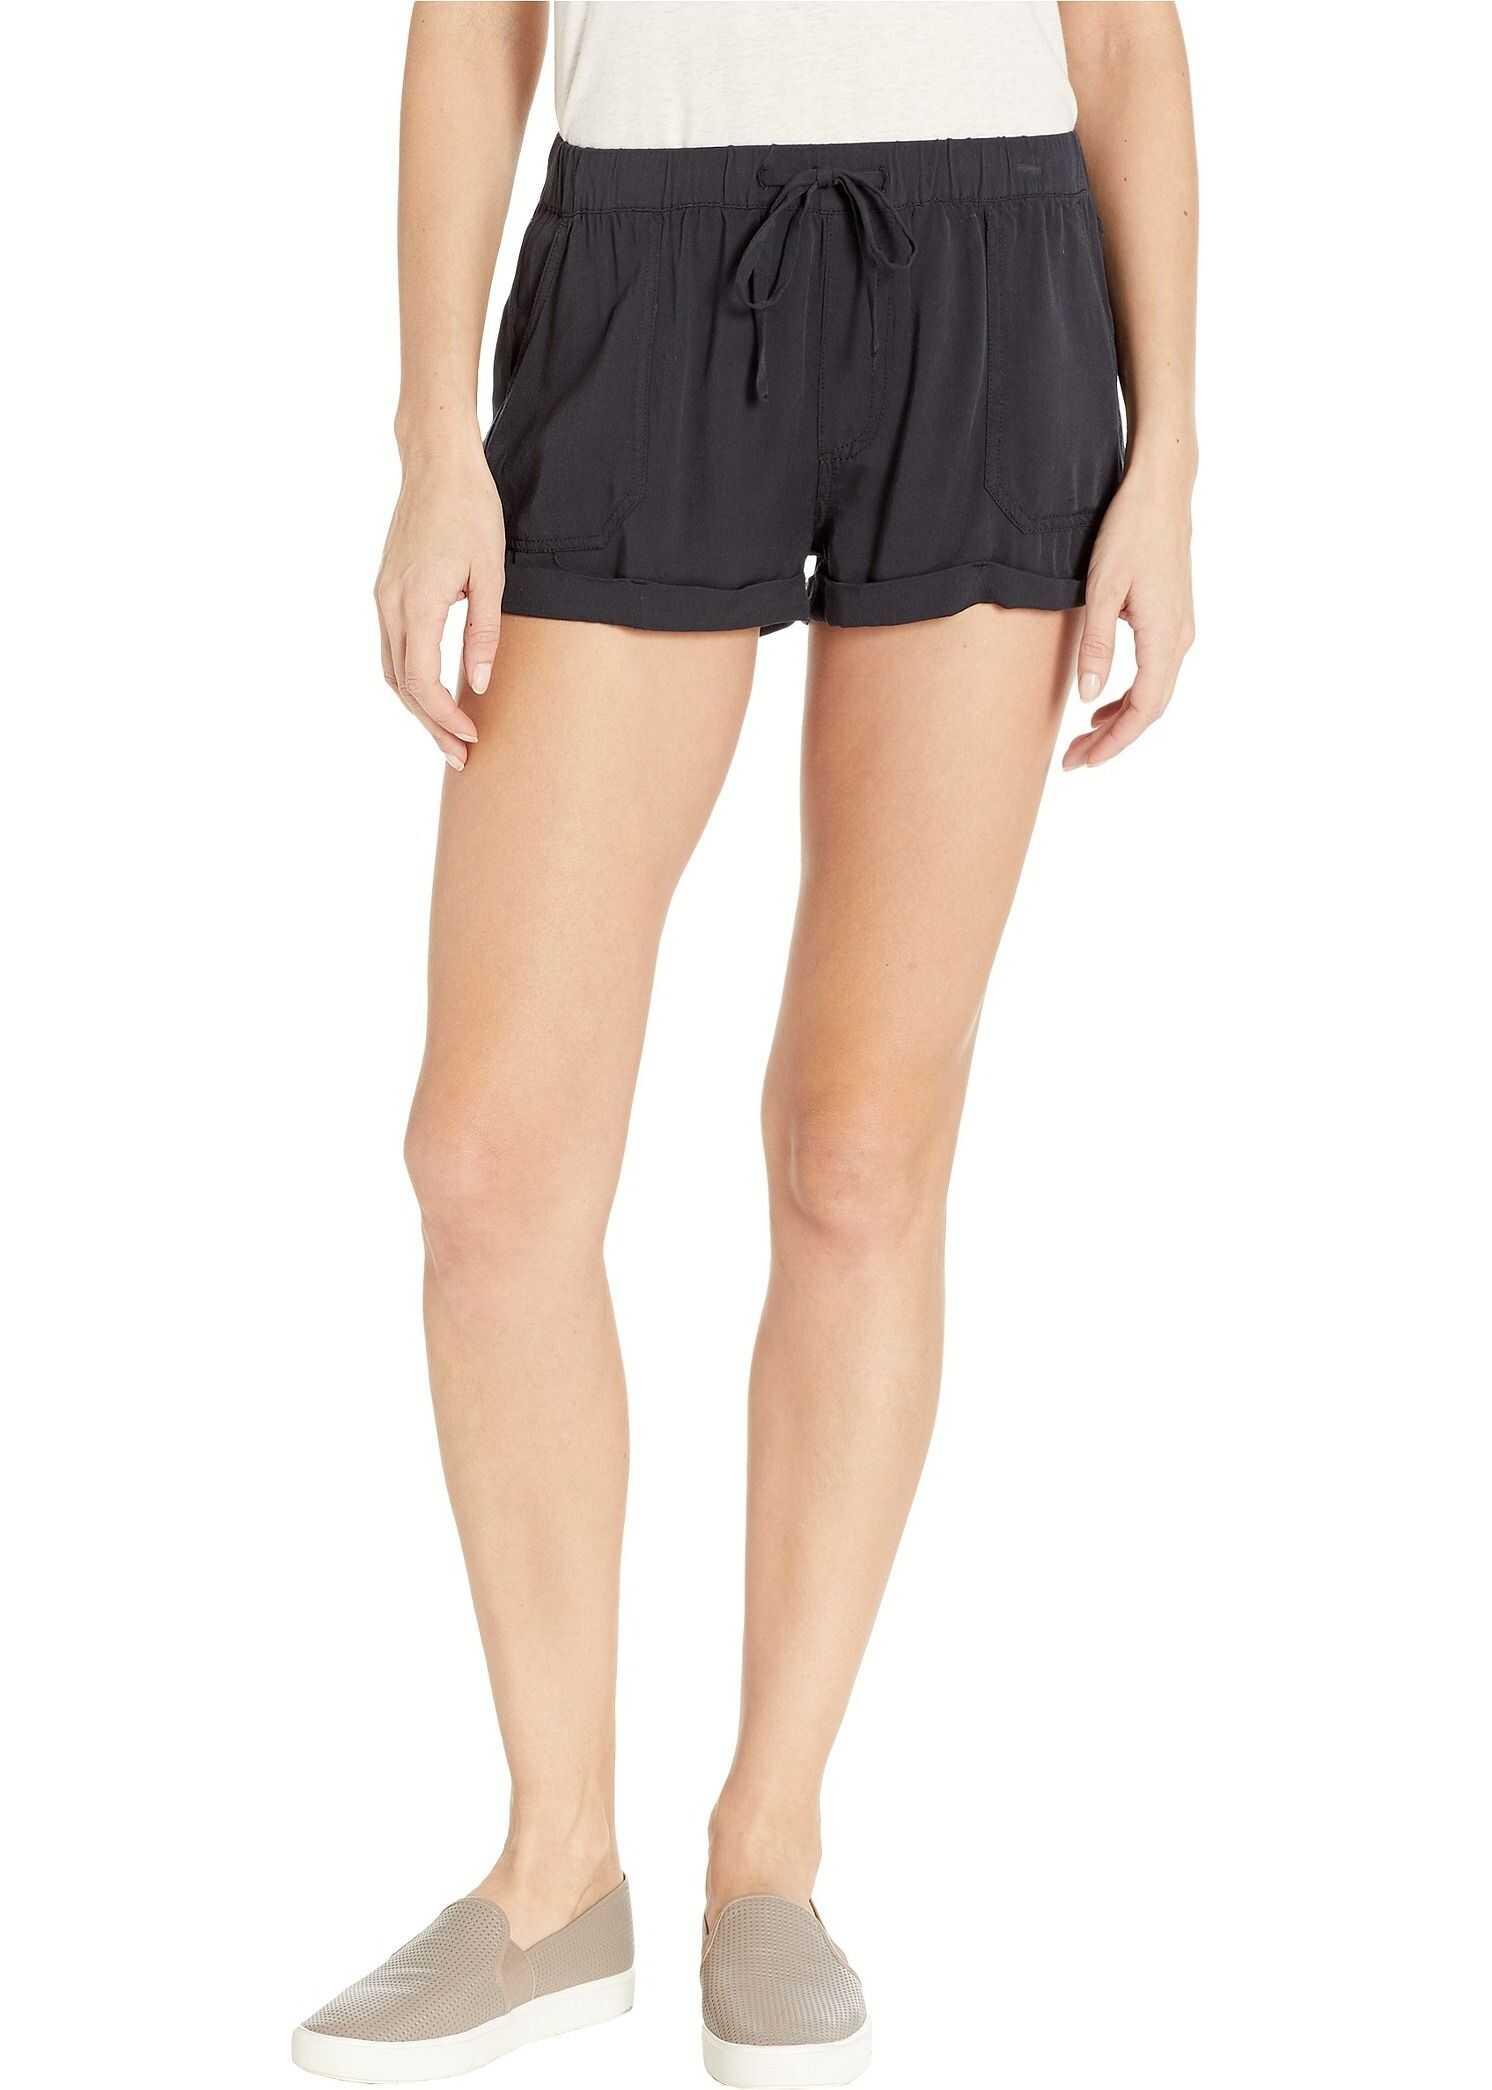 Volcom Sunday Strut Shorts Ink Black